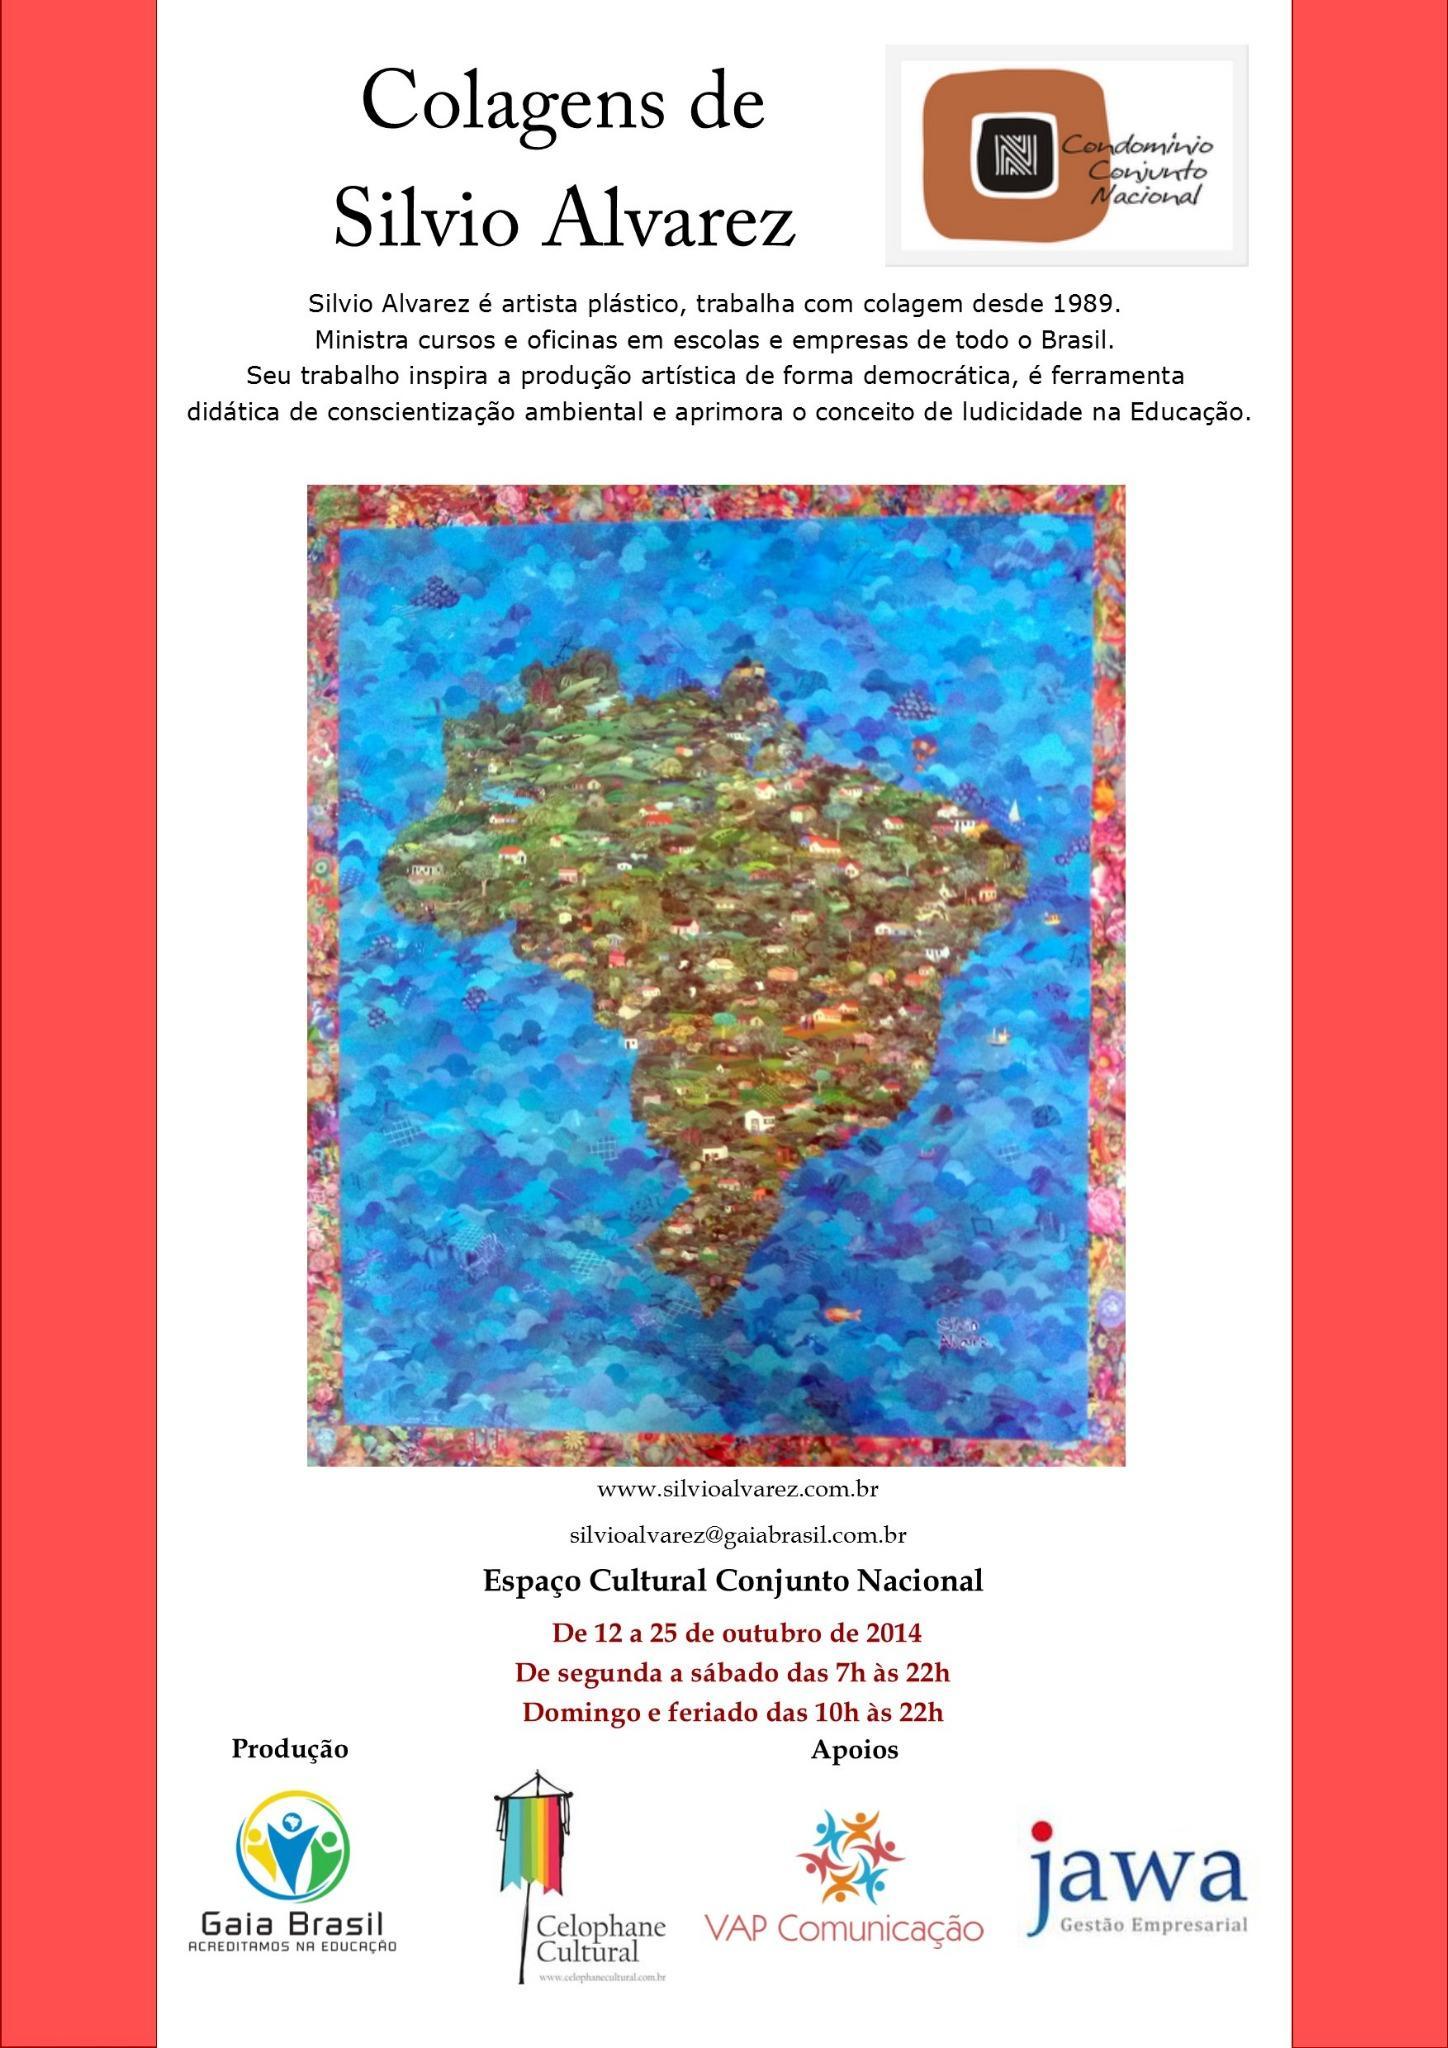 De 12 a 25 de outubro estarei presente no espaço da minha exposição para receber os amigos - Conjunto Nacional http://t.co/w53NAEUPMd